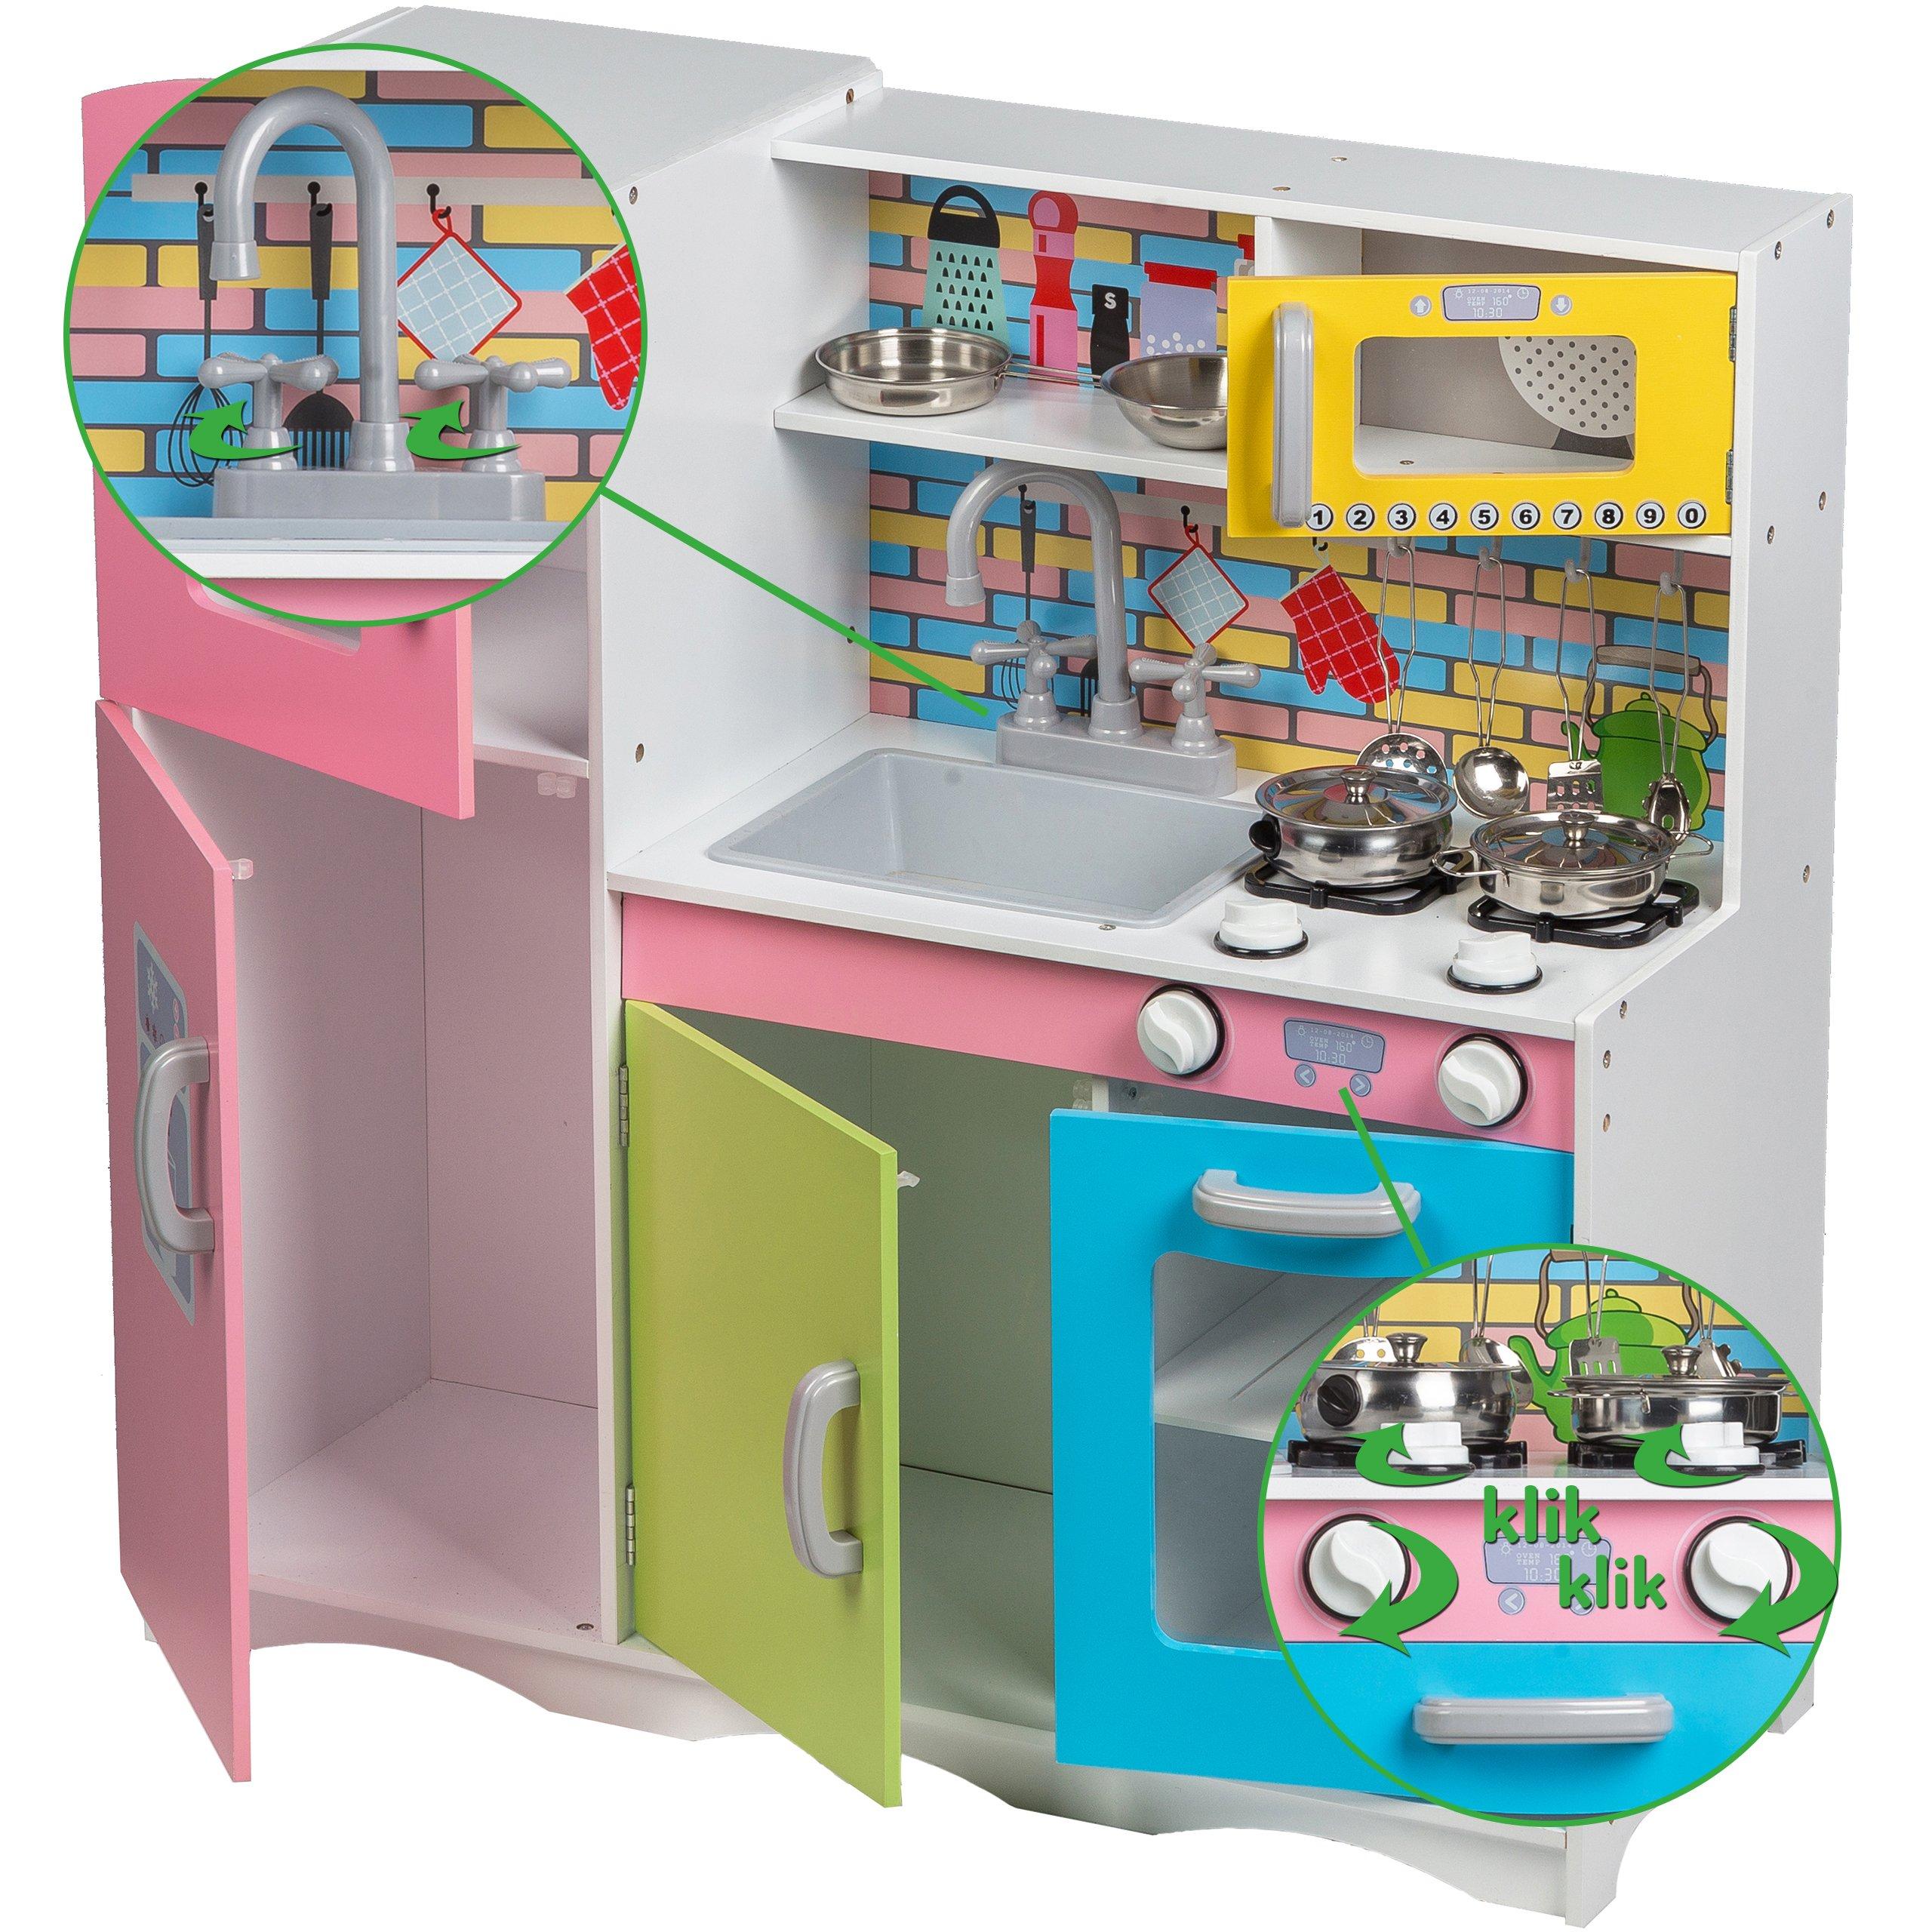 Drewniana Kuchnia Dla Dzieci Gratisy Ecotoys Tk038 7151501266